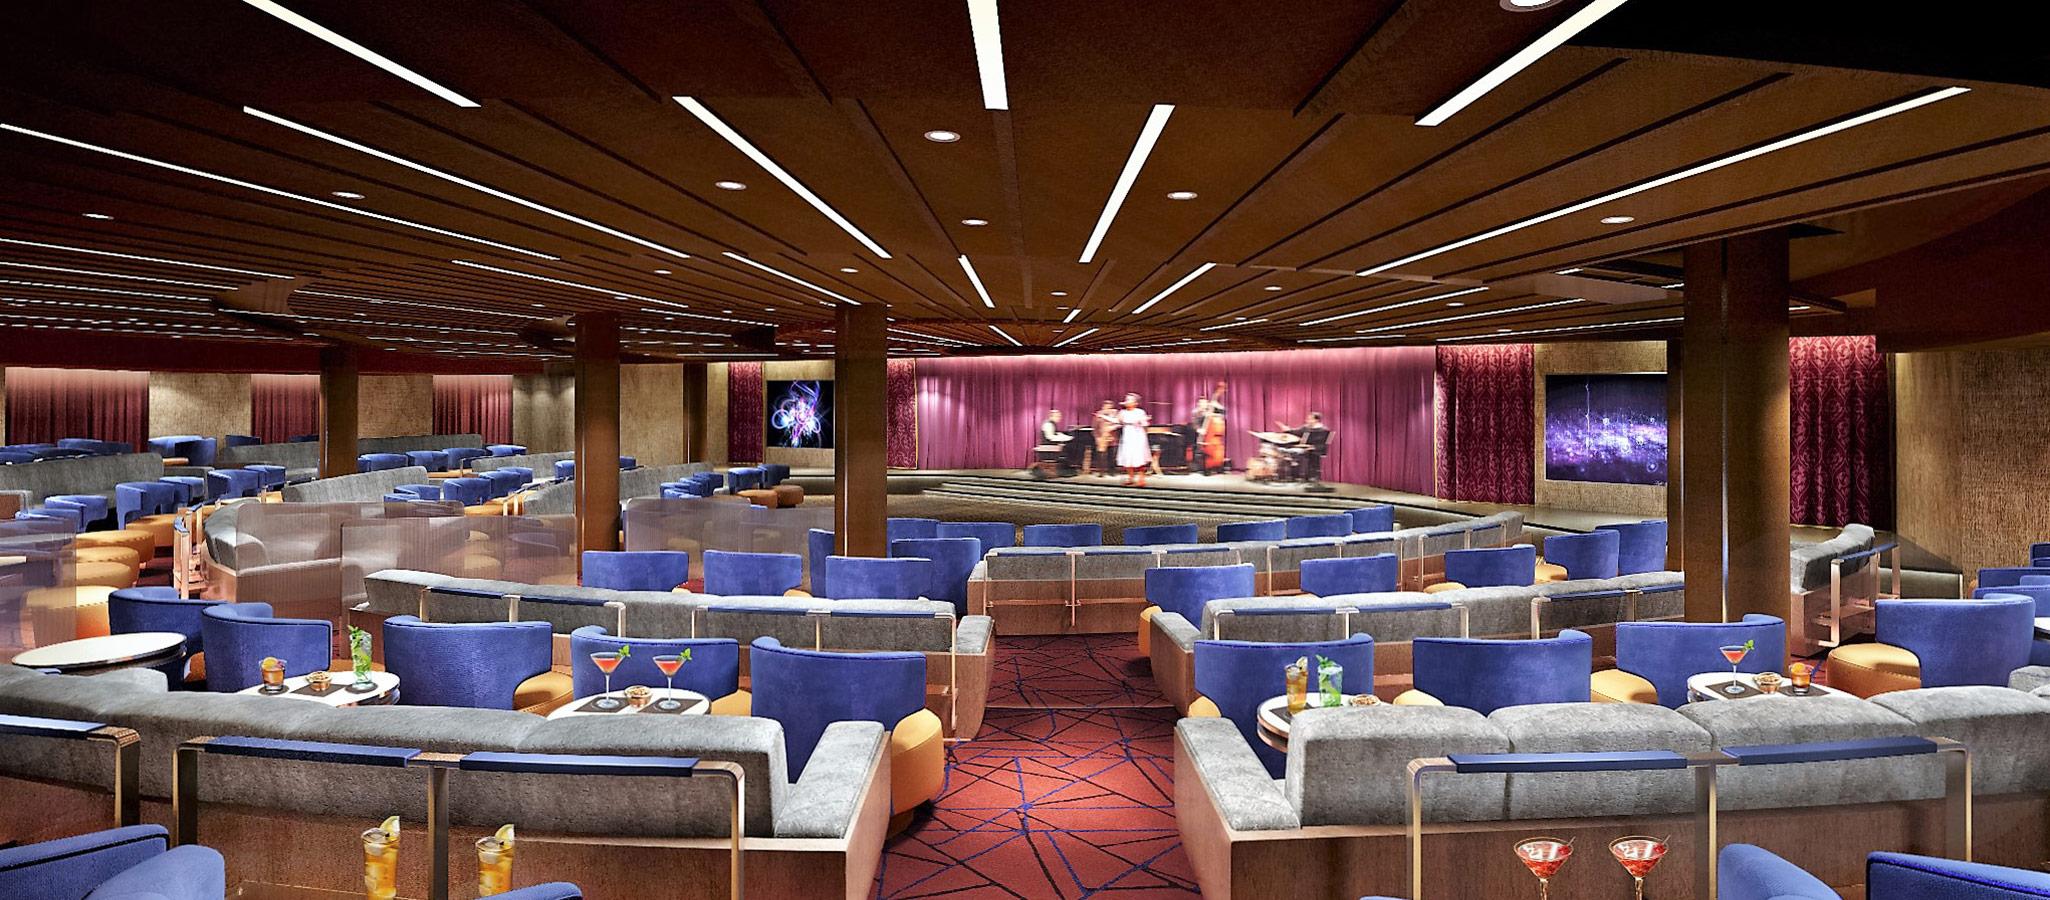 Tagungsplaner profitieren von den hochwertigen Facilities an Bord: Ihre technisch perfekte Ausstattung ist in der Charterrate enthalten.